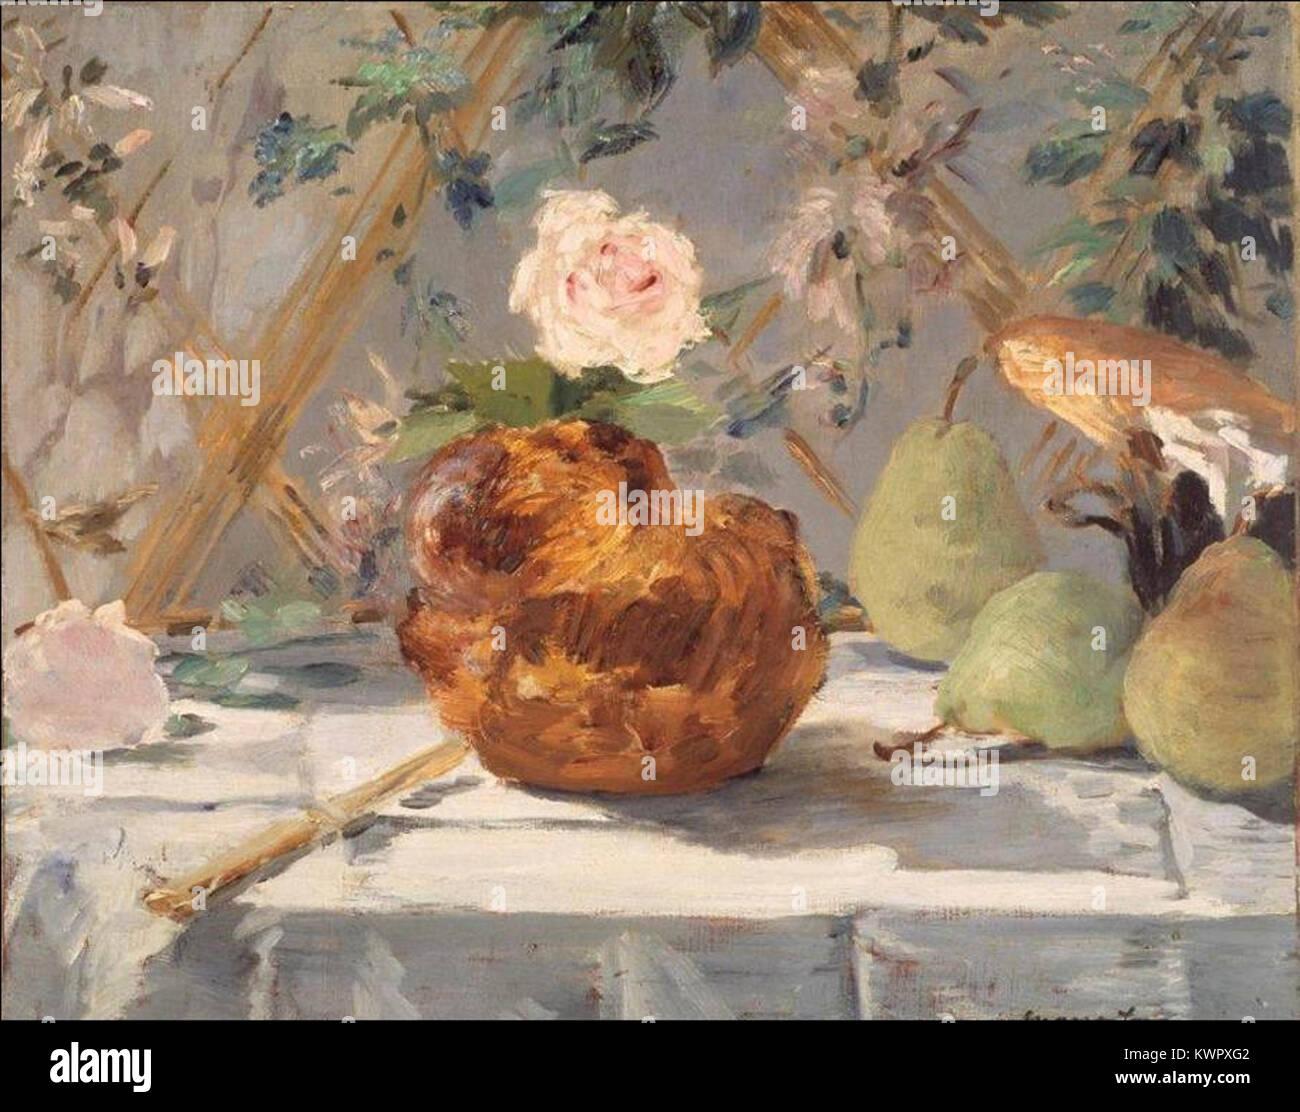 Édouard Manet - Nature morte, brioche, fleurs, poires (RW 251) - Stock Image